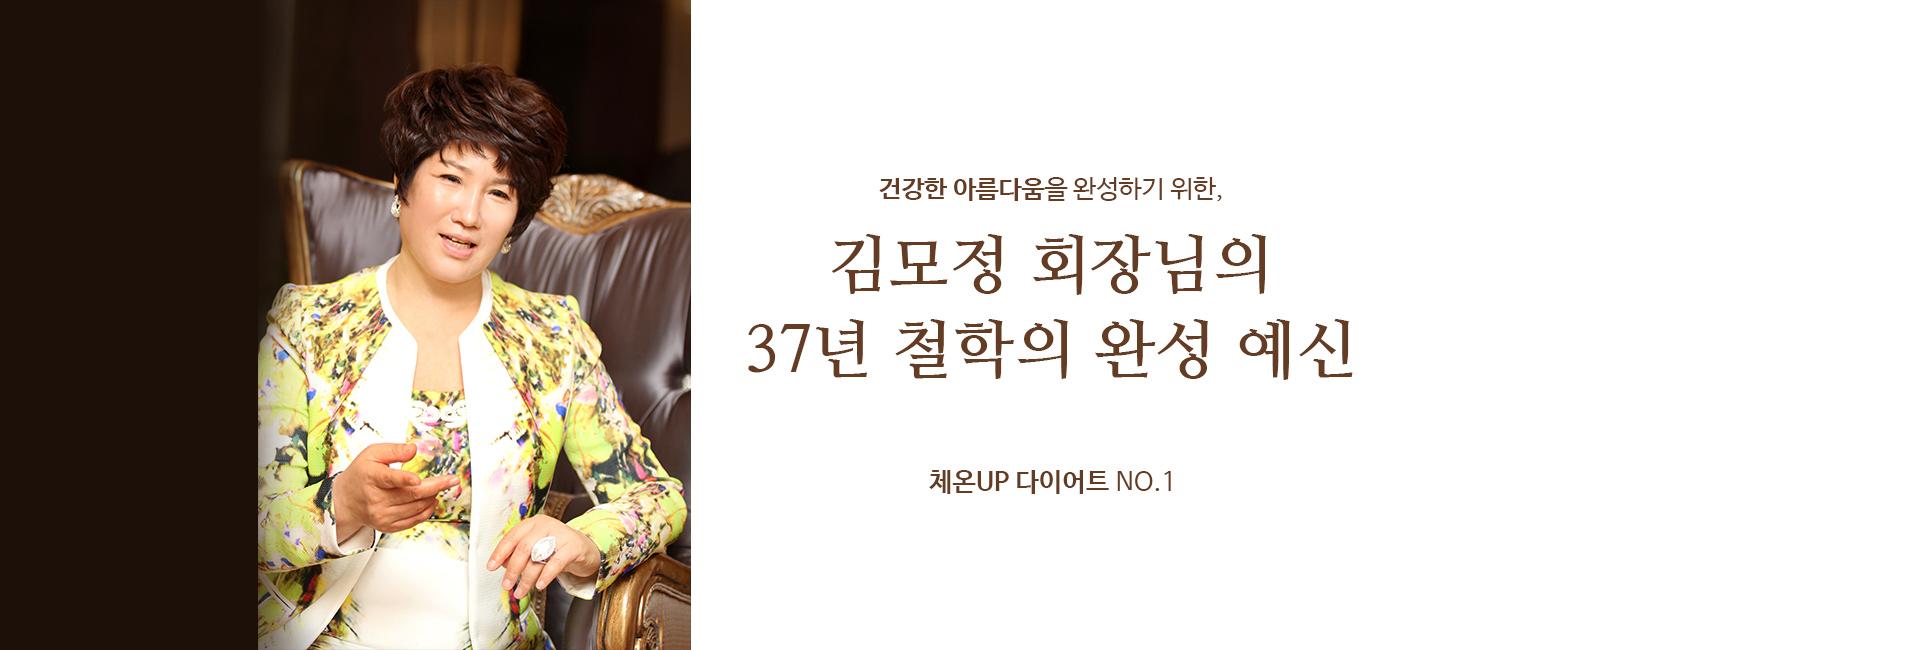 1706026_김모정회장님_메인슬라이더_02